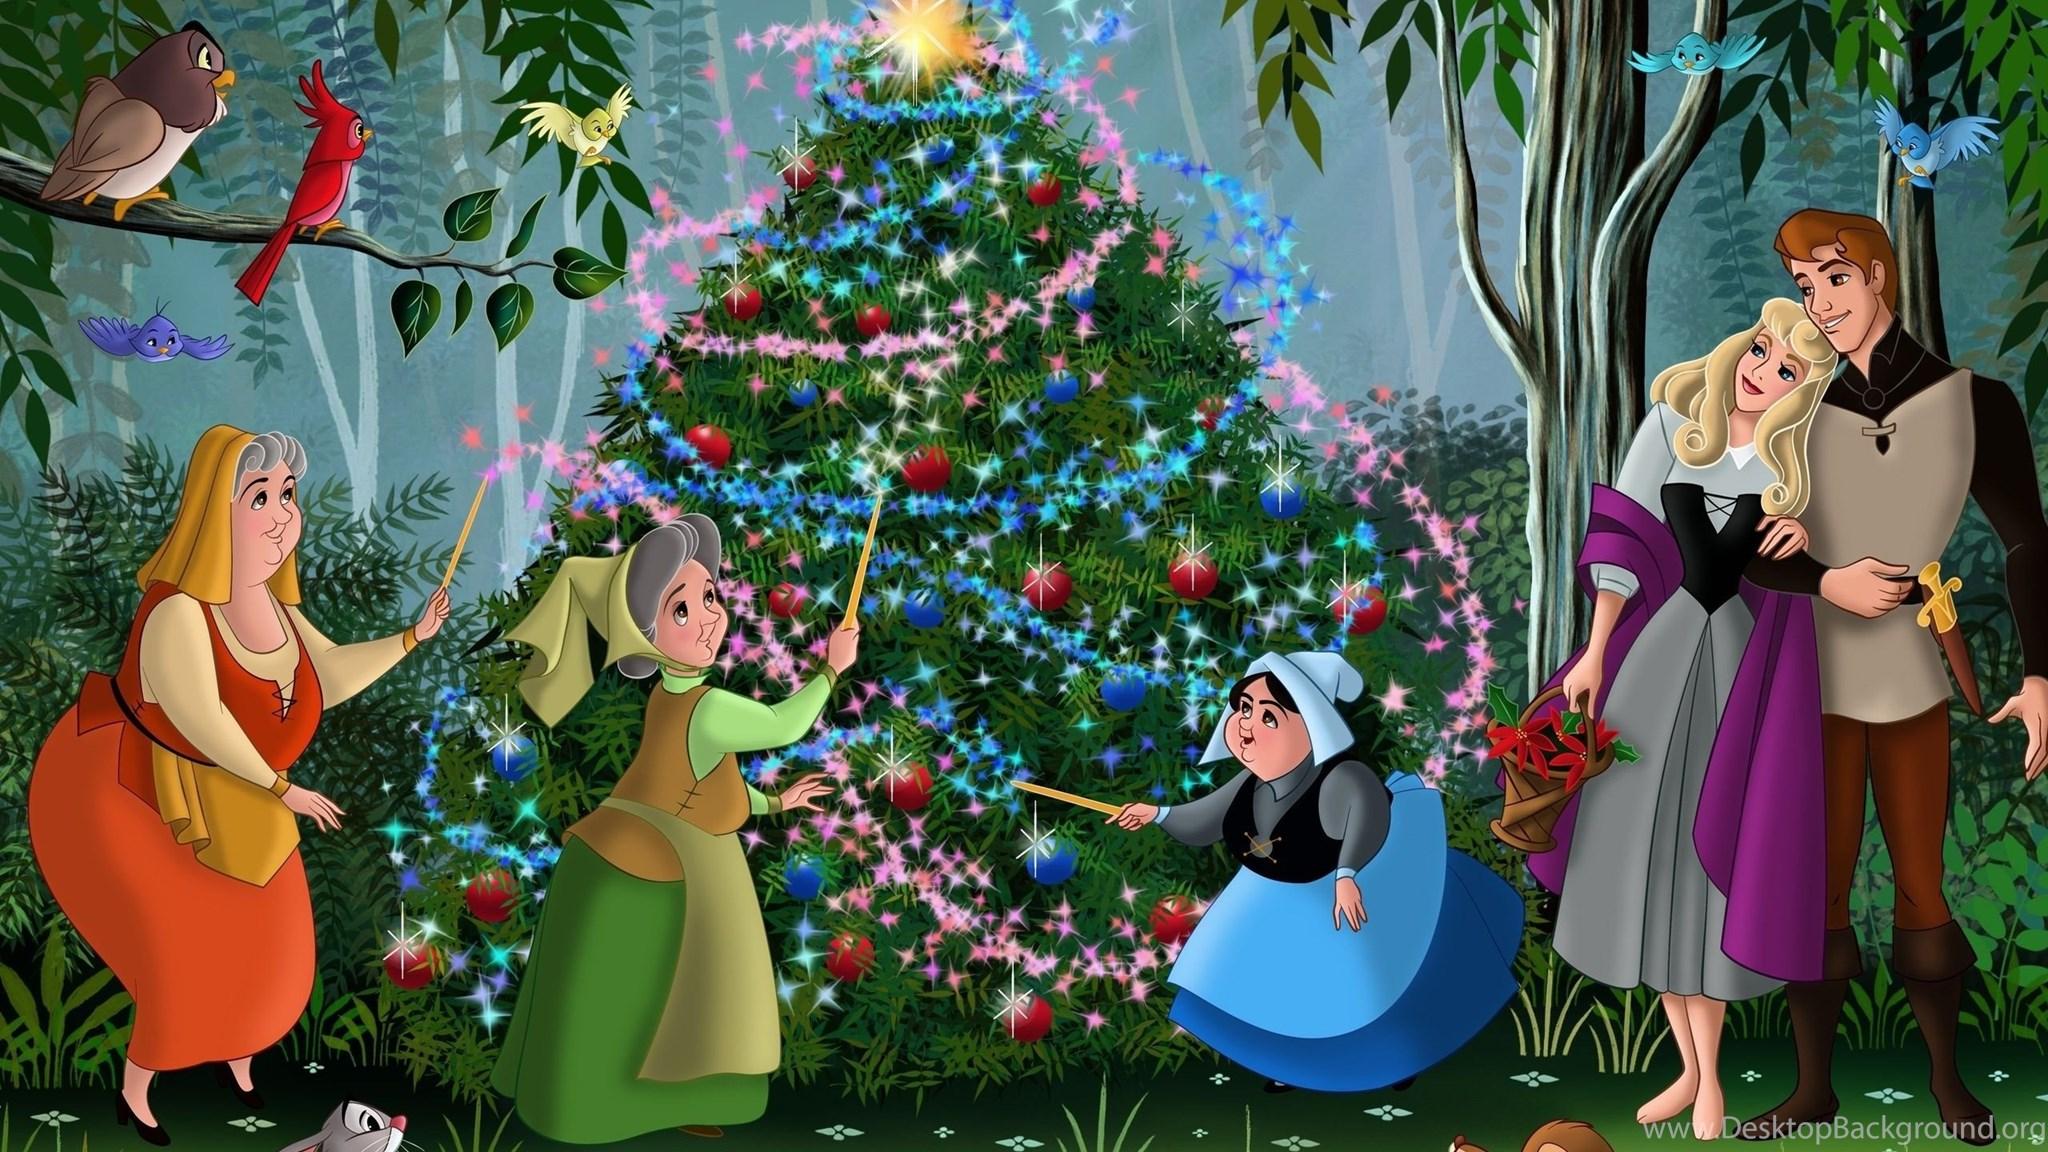 2560x1600 Christmas Tree, Walt Disney, Fairytale, Animated Film ...